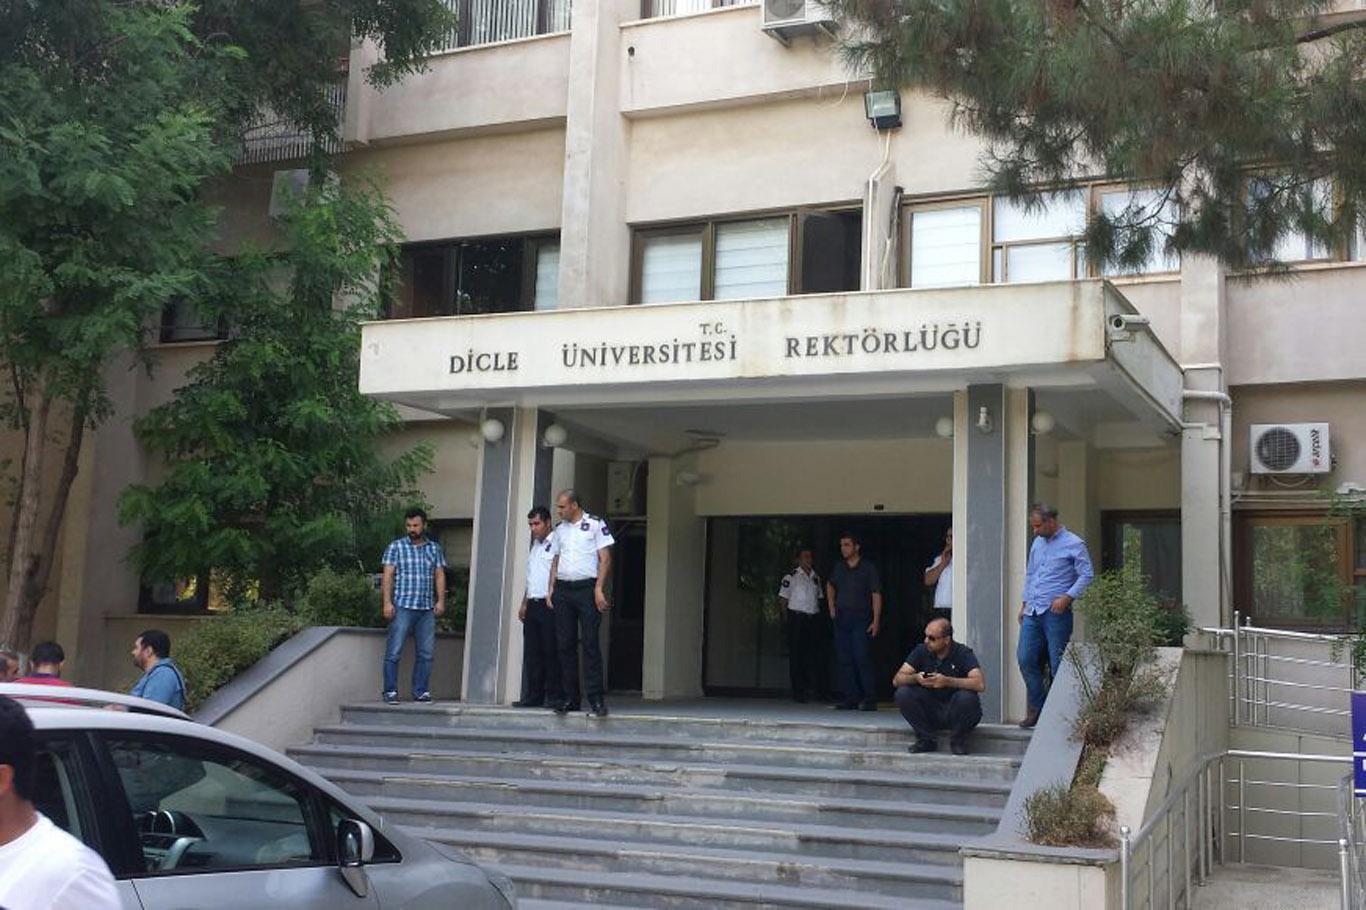 Diyarbakır Dicle Üniversitesine operasyon yapıldı